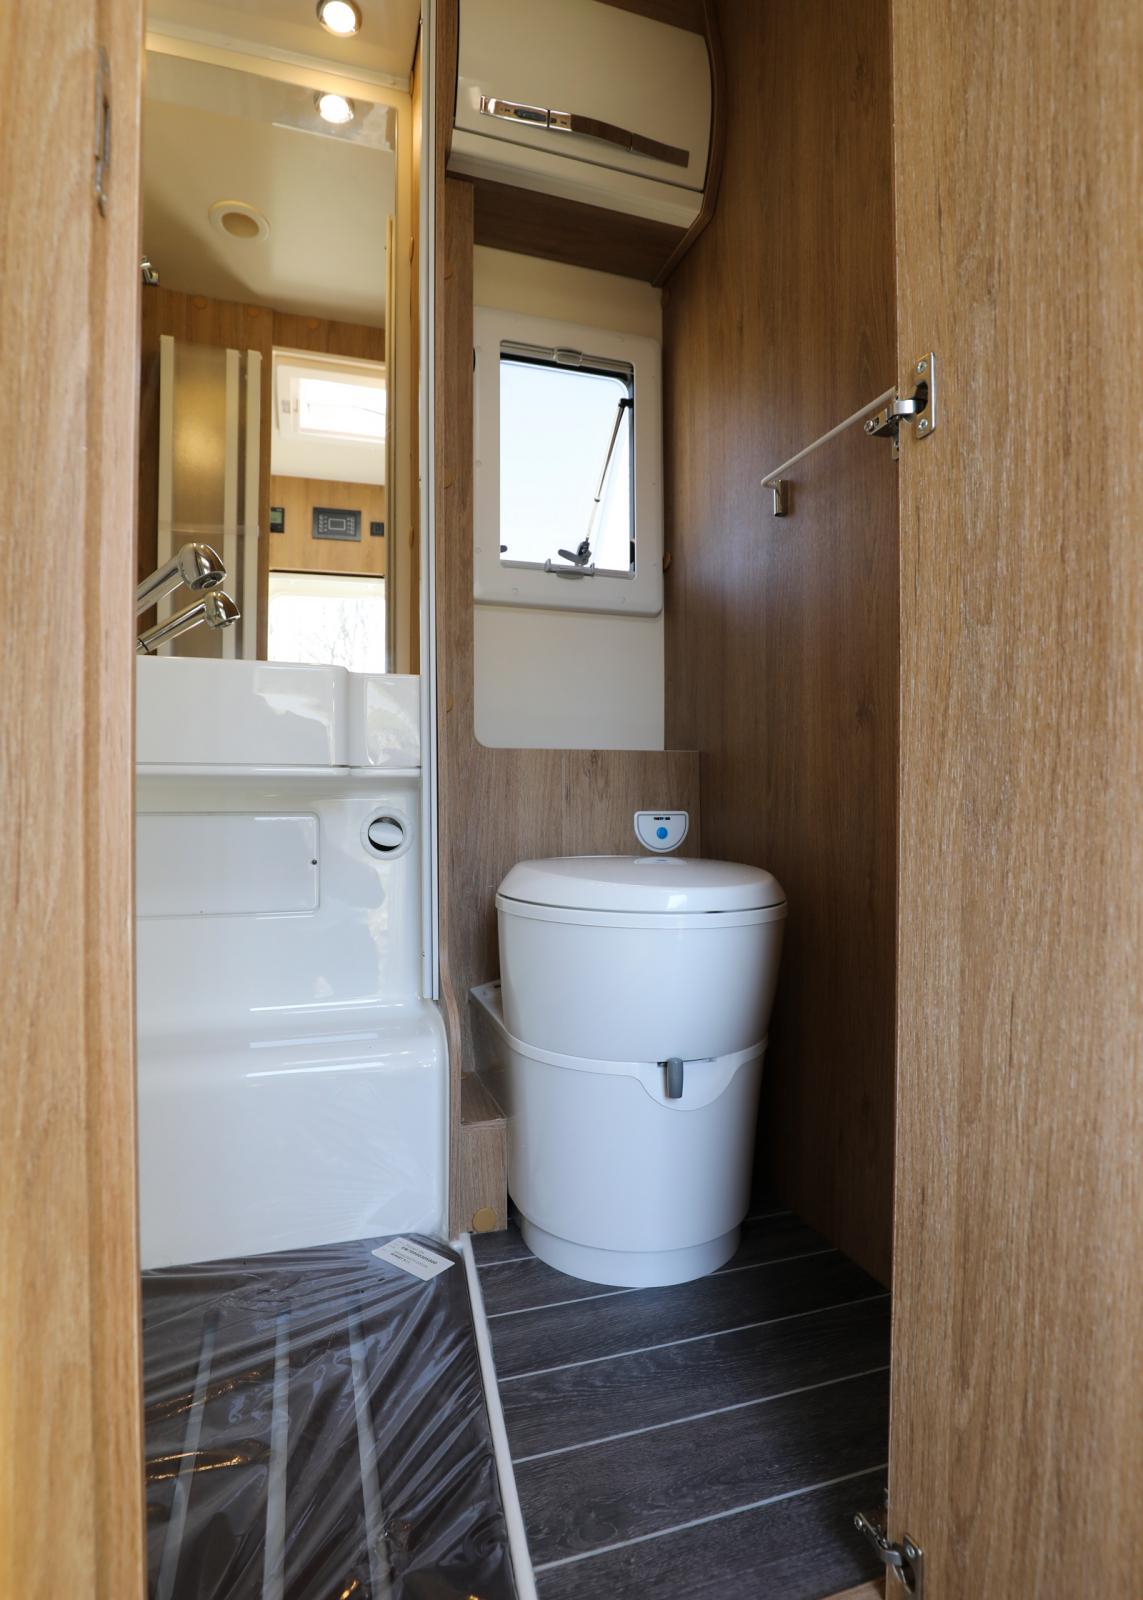 Rymlig toalett och duschkabin med vikbara duschdörrar.